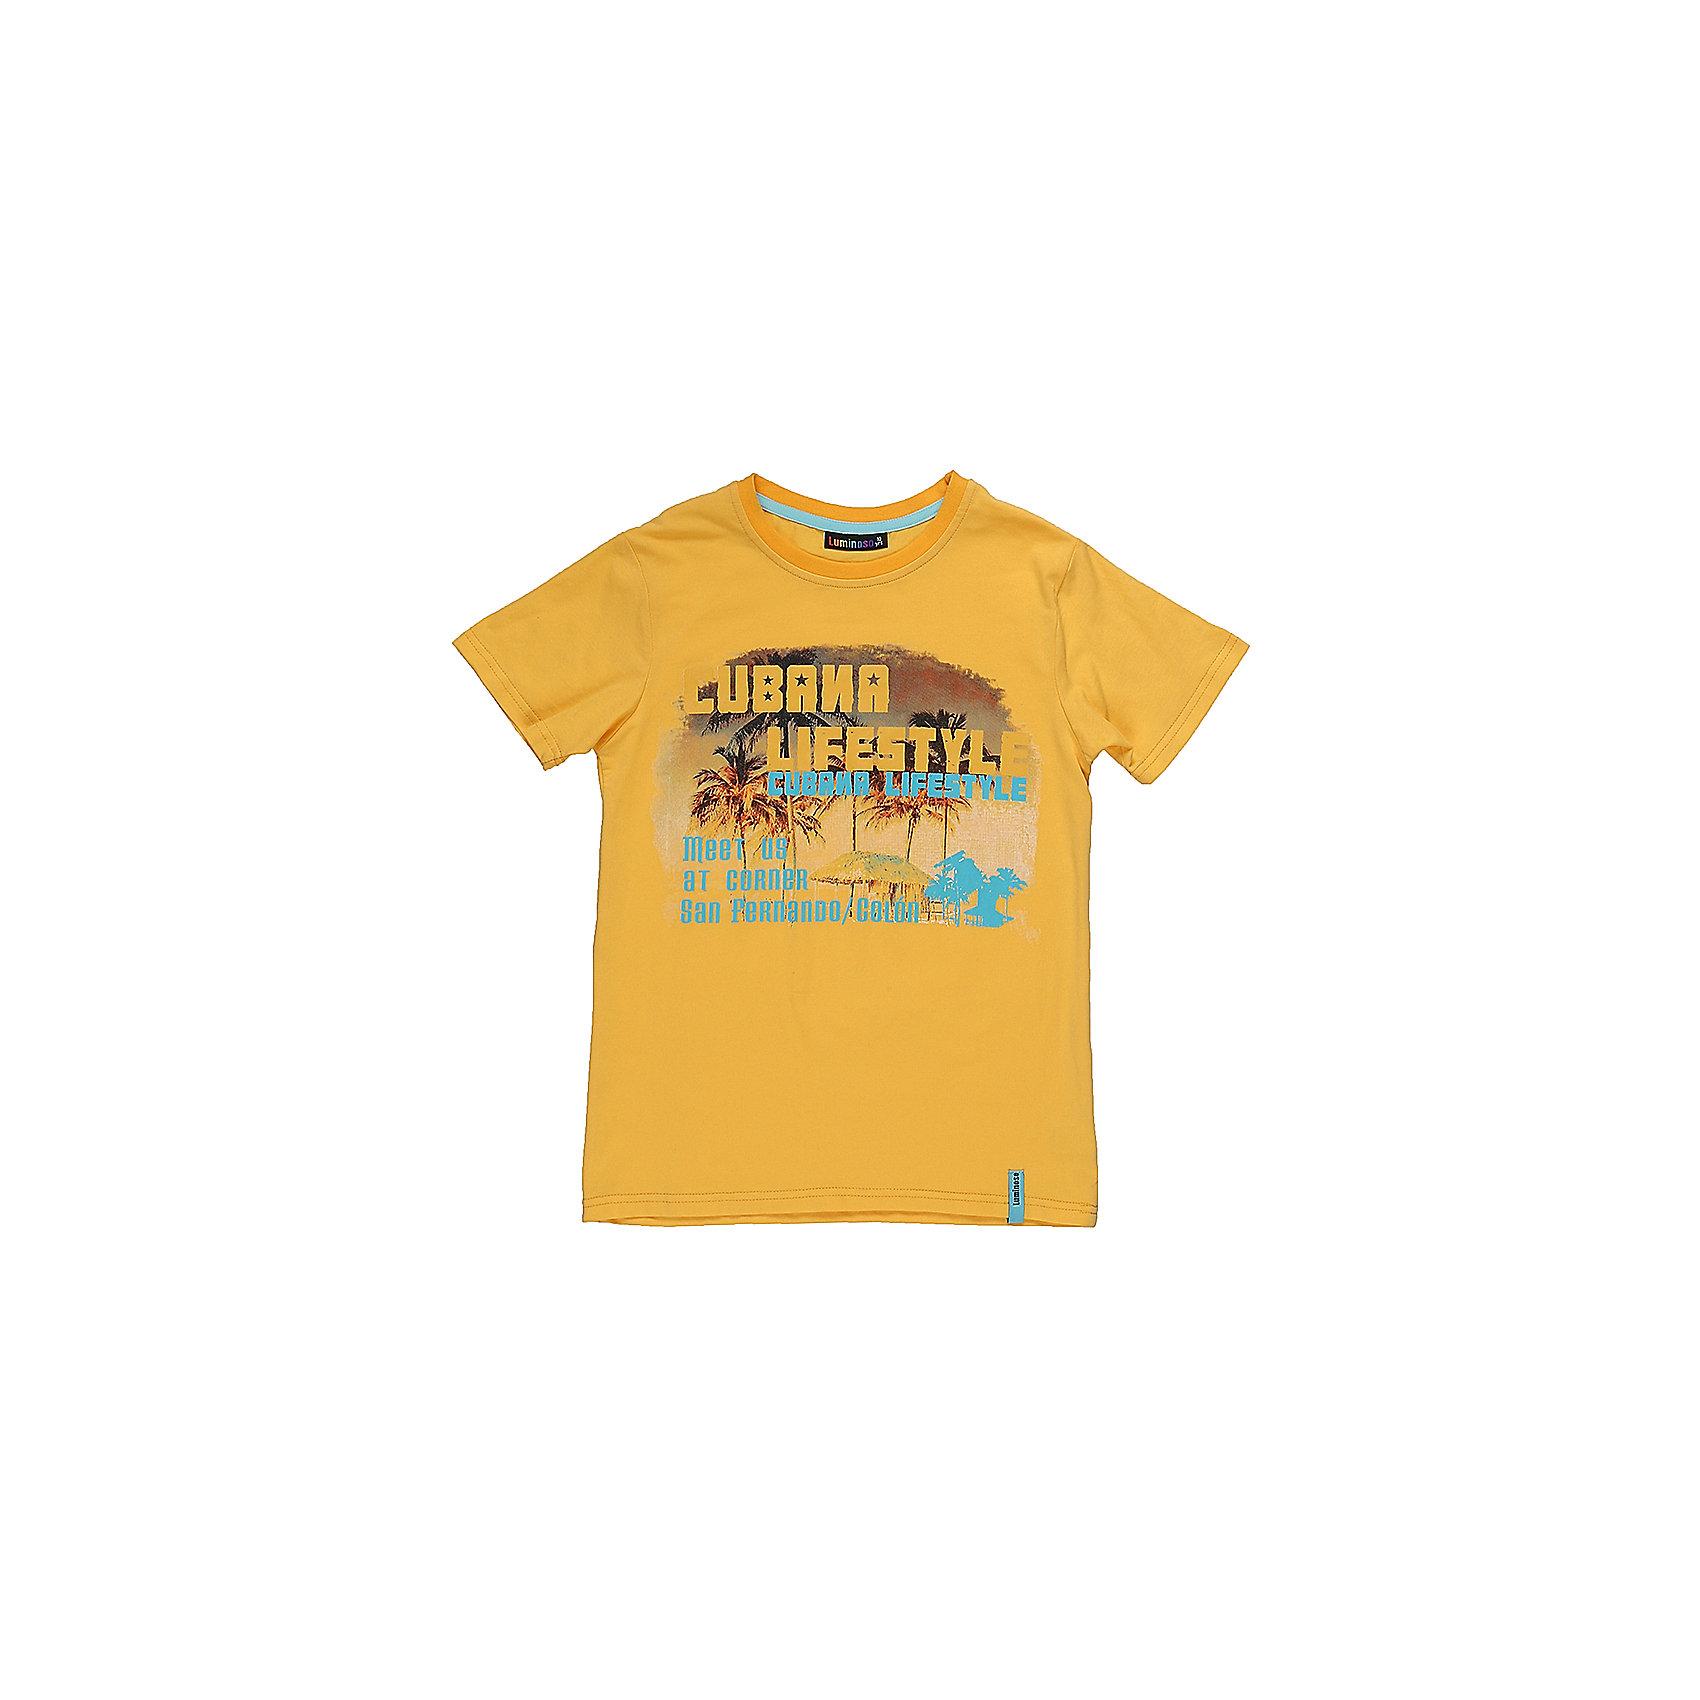 Футболка для мальчика LuminosoФутболки, поло и топы<br>Стильная футболка из трикотажной ткани для мальчика с коротким рукавом. Декорирована ярким принтом<br>Состав:<br>95%хлопок 5%эластан<br><br>Ширина мм: 199<br>Глубина мм: 10<br>Высота мм: 161<br>Вес г: 151<br>Цвет: желтый<br>Возраст от месяцев: 96<br>Возраст до месяцев: 108<br>Пол: Мужской<br>Возраст: Детский<br>Размер: 140,146,152,158,164,134<br>SKU: 5409803